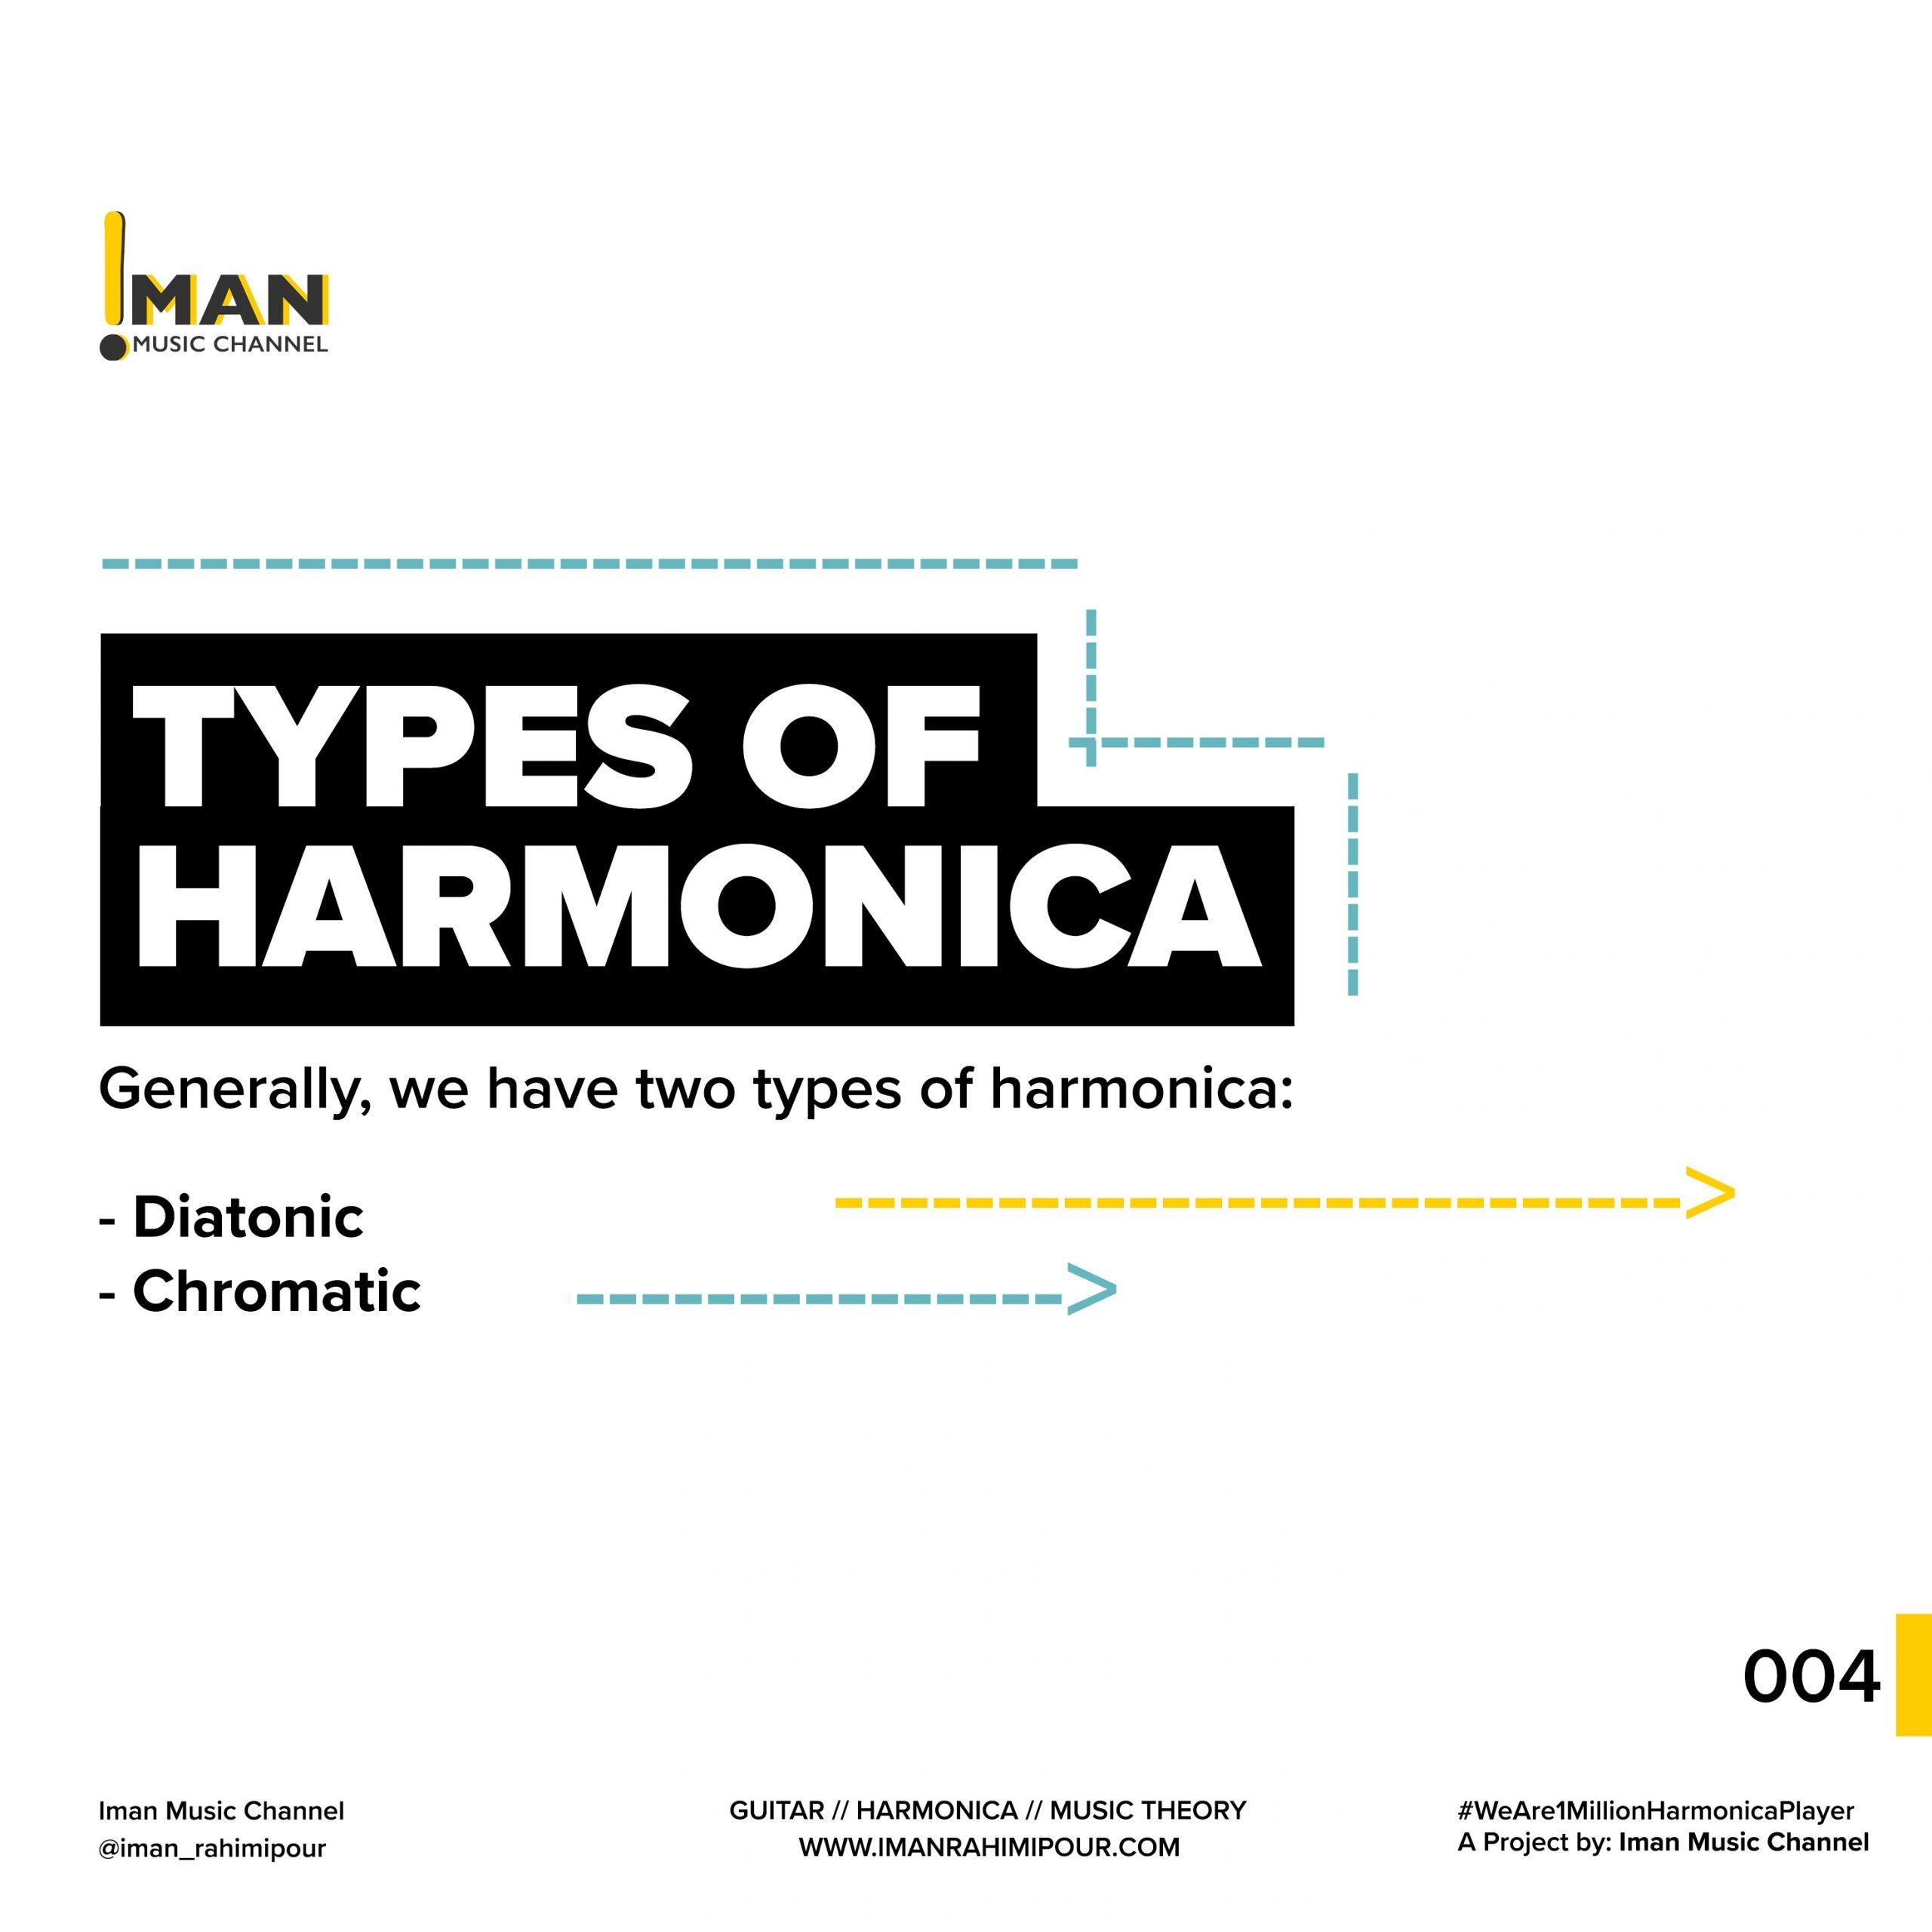 Types of harmonica